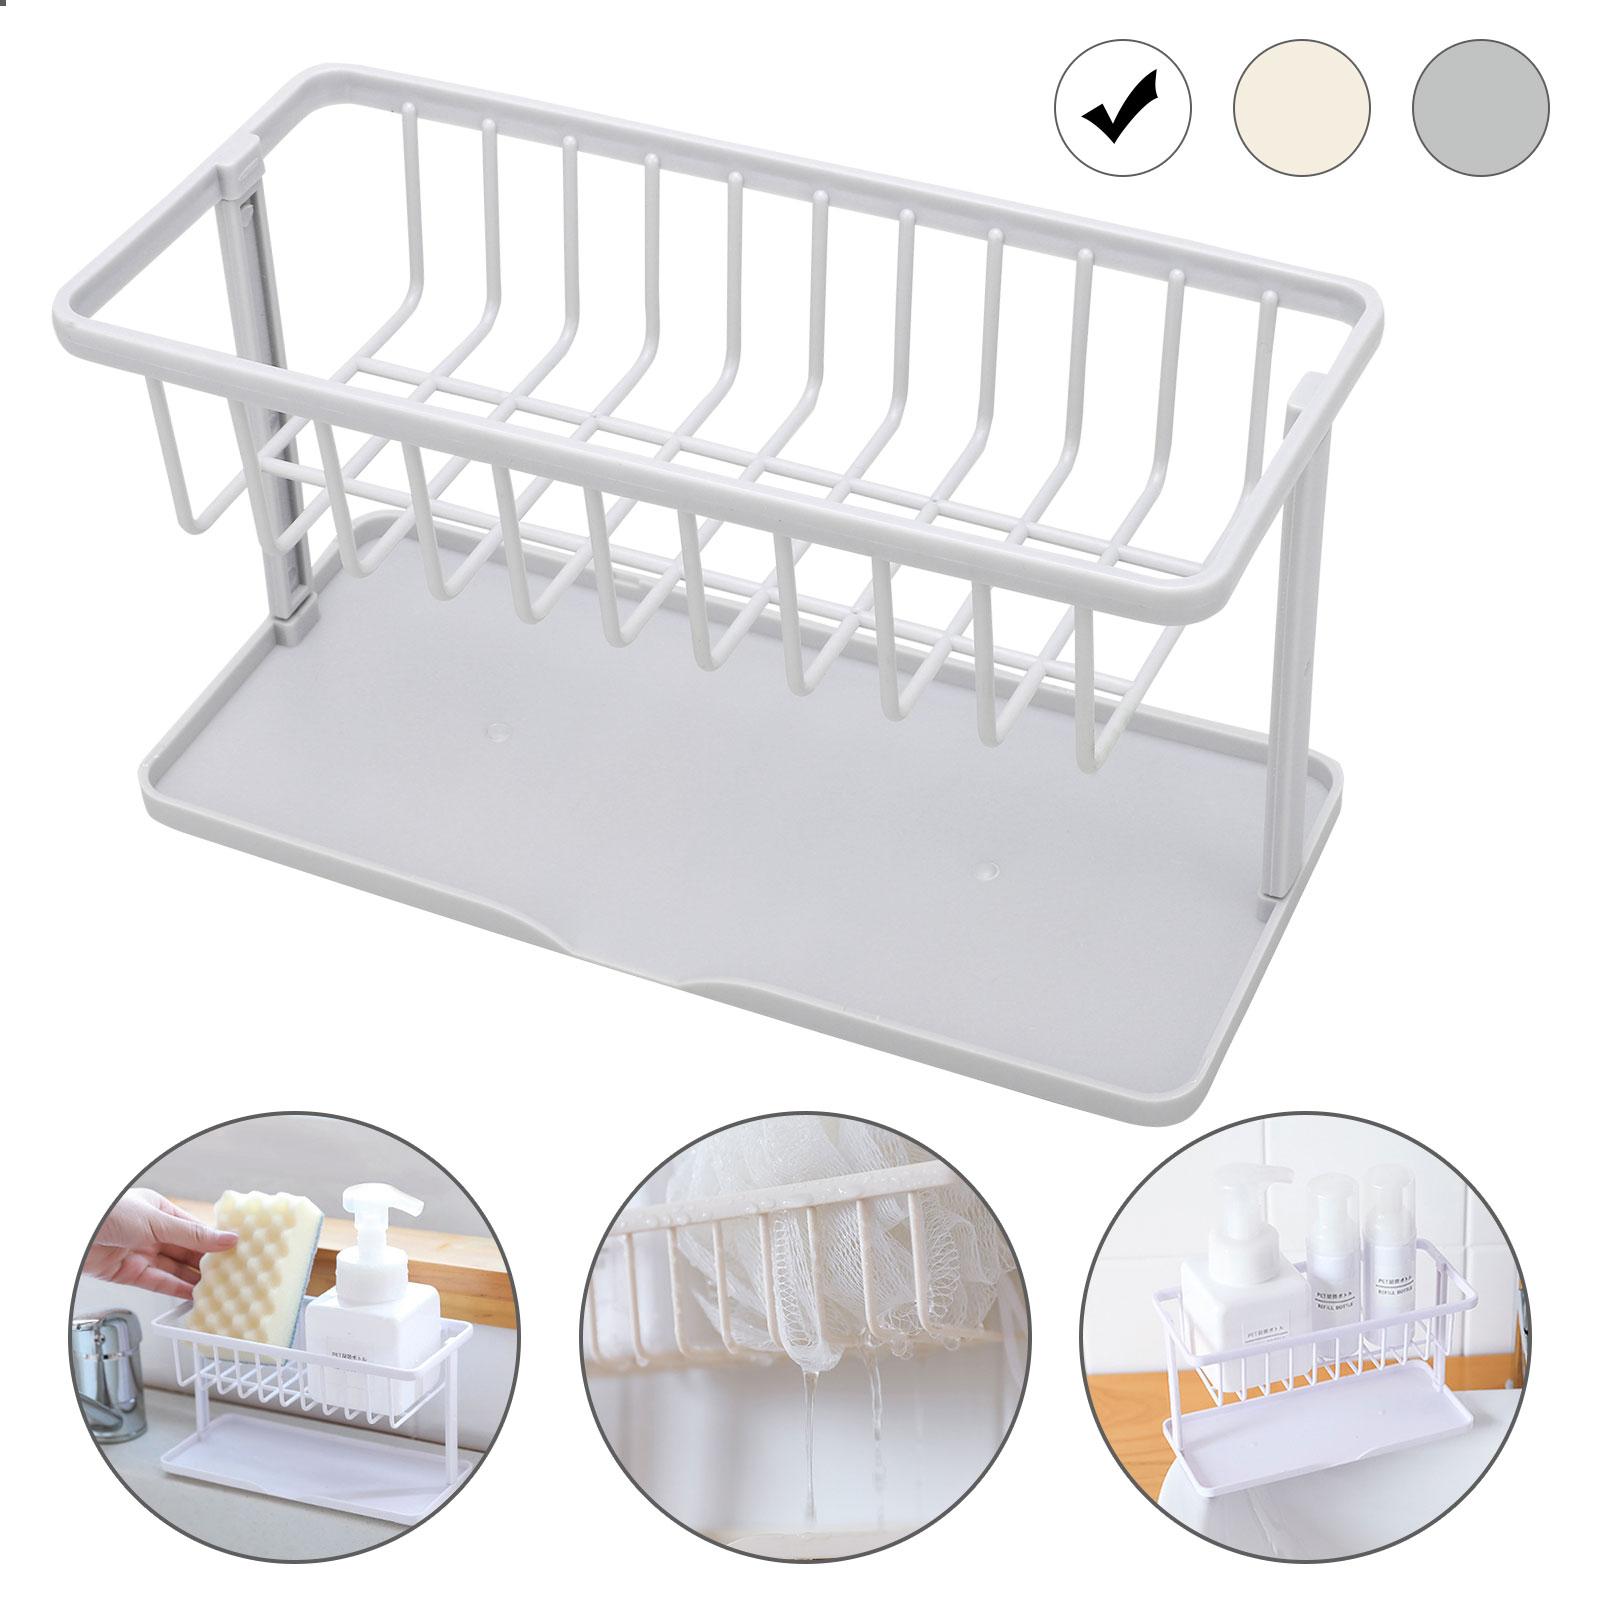 Kitchen Sink Caddy Sponge Holder Storage Organizer Drainer Strai Racks Soap Ganl